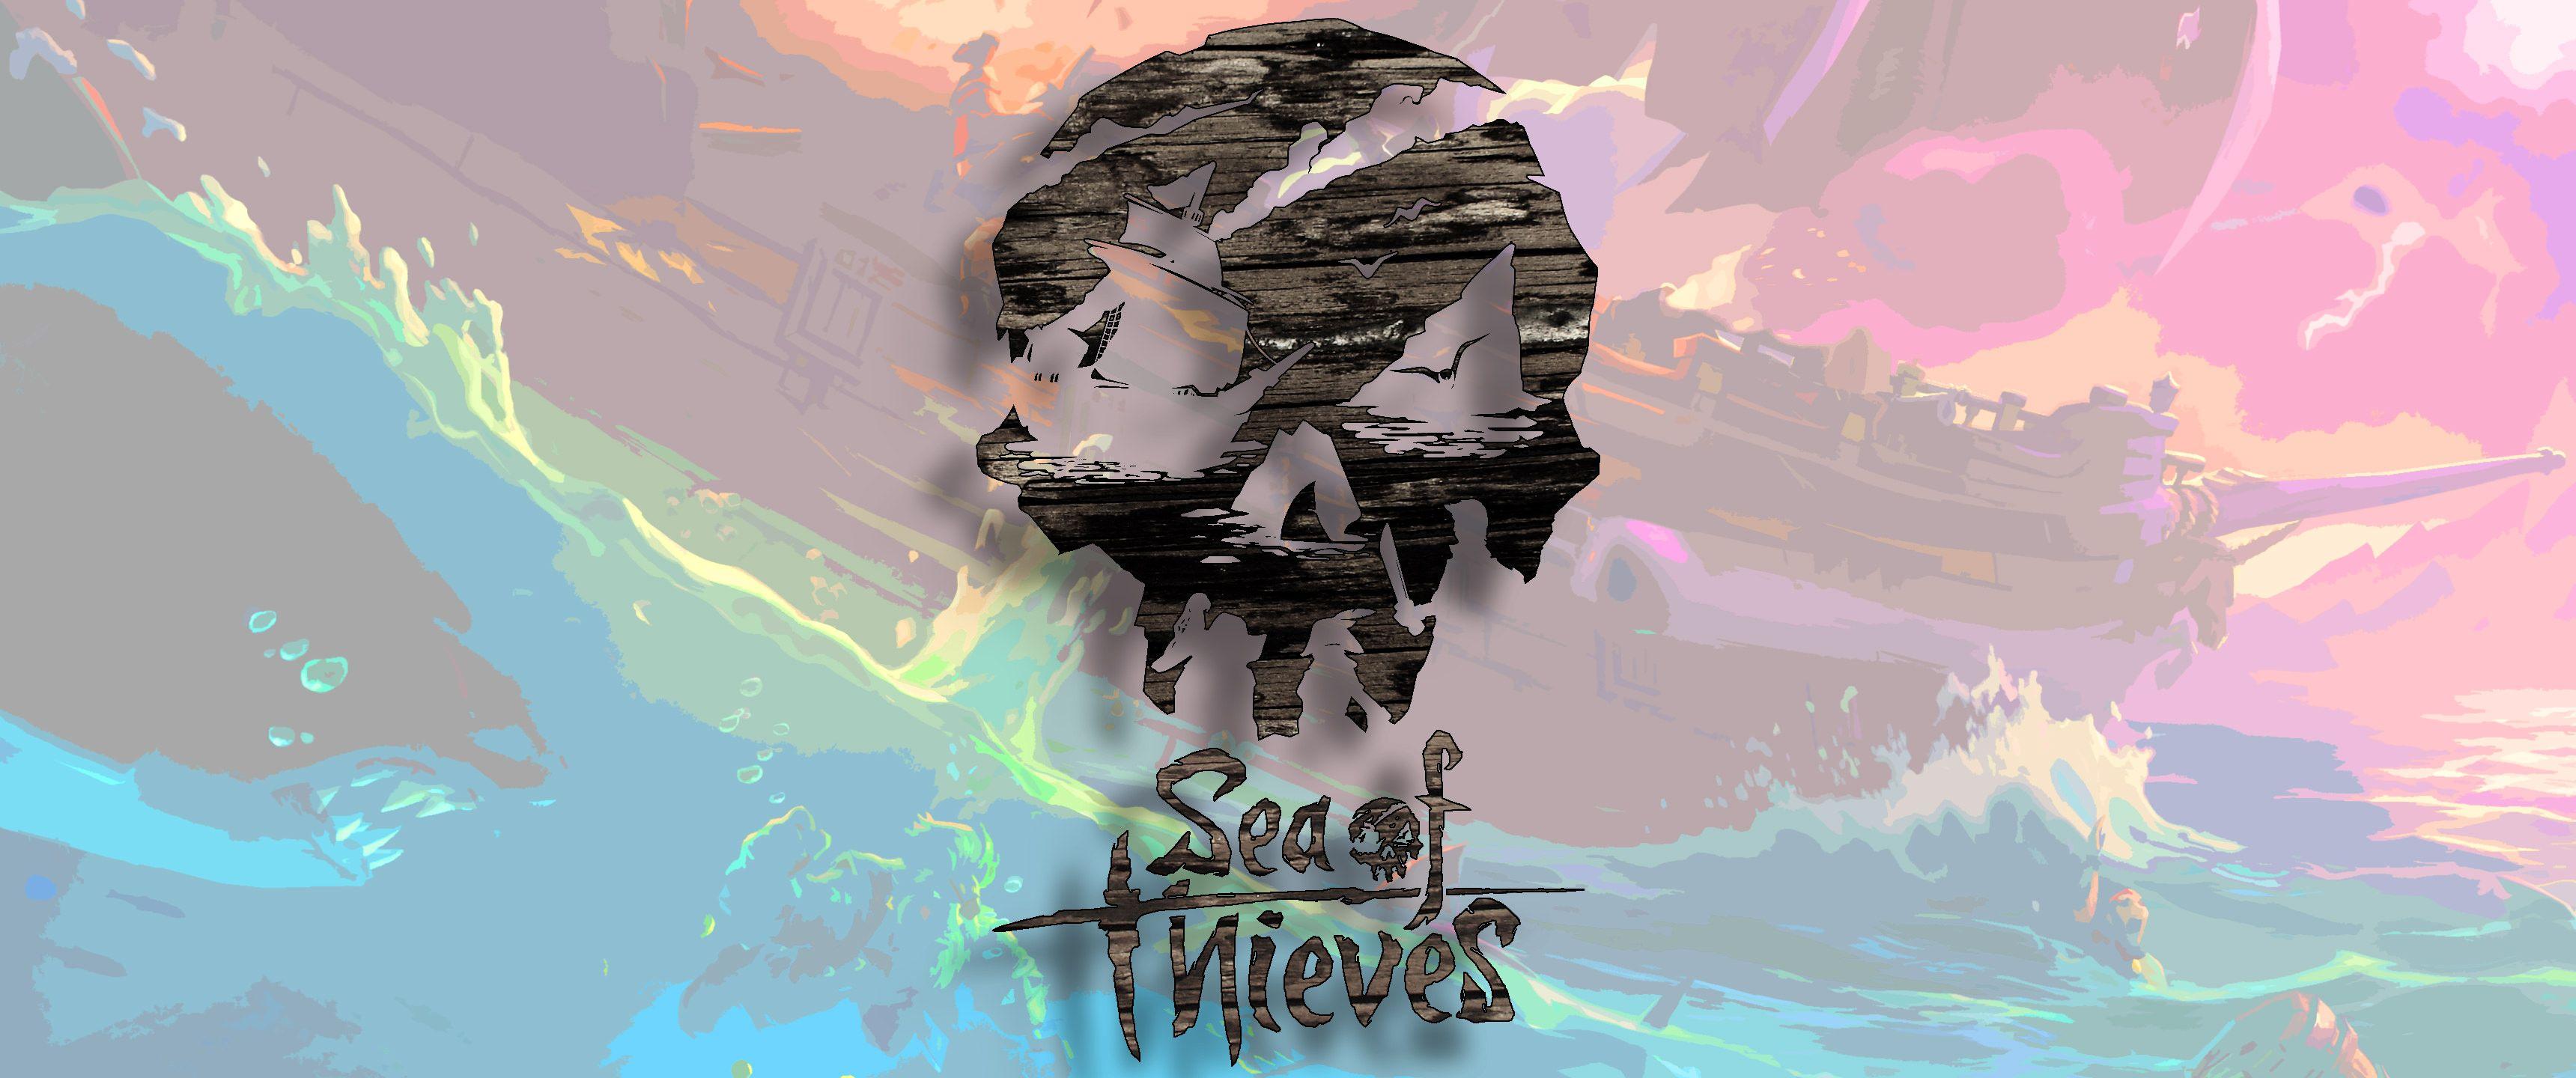 Sea Of Thieves Wallpaper 13 3440 X 1440 Imgnooz Com Sea Of